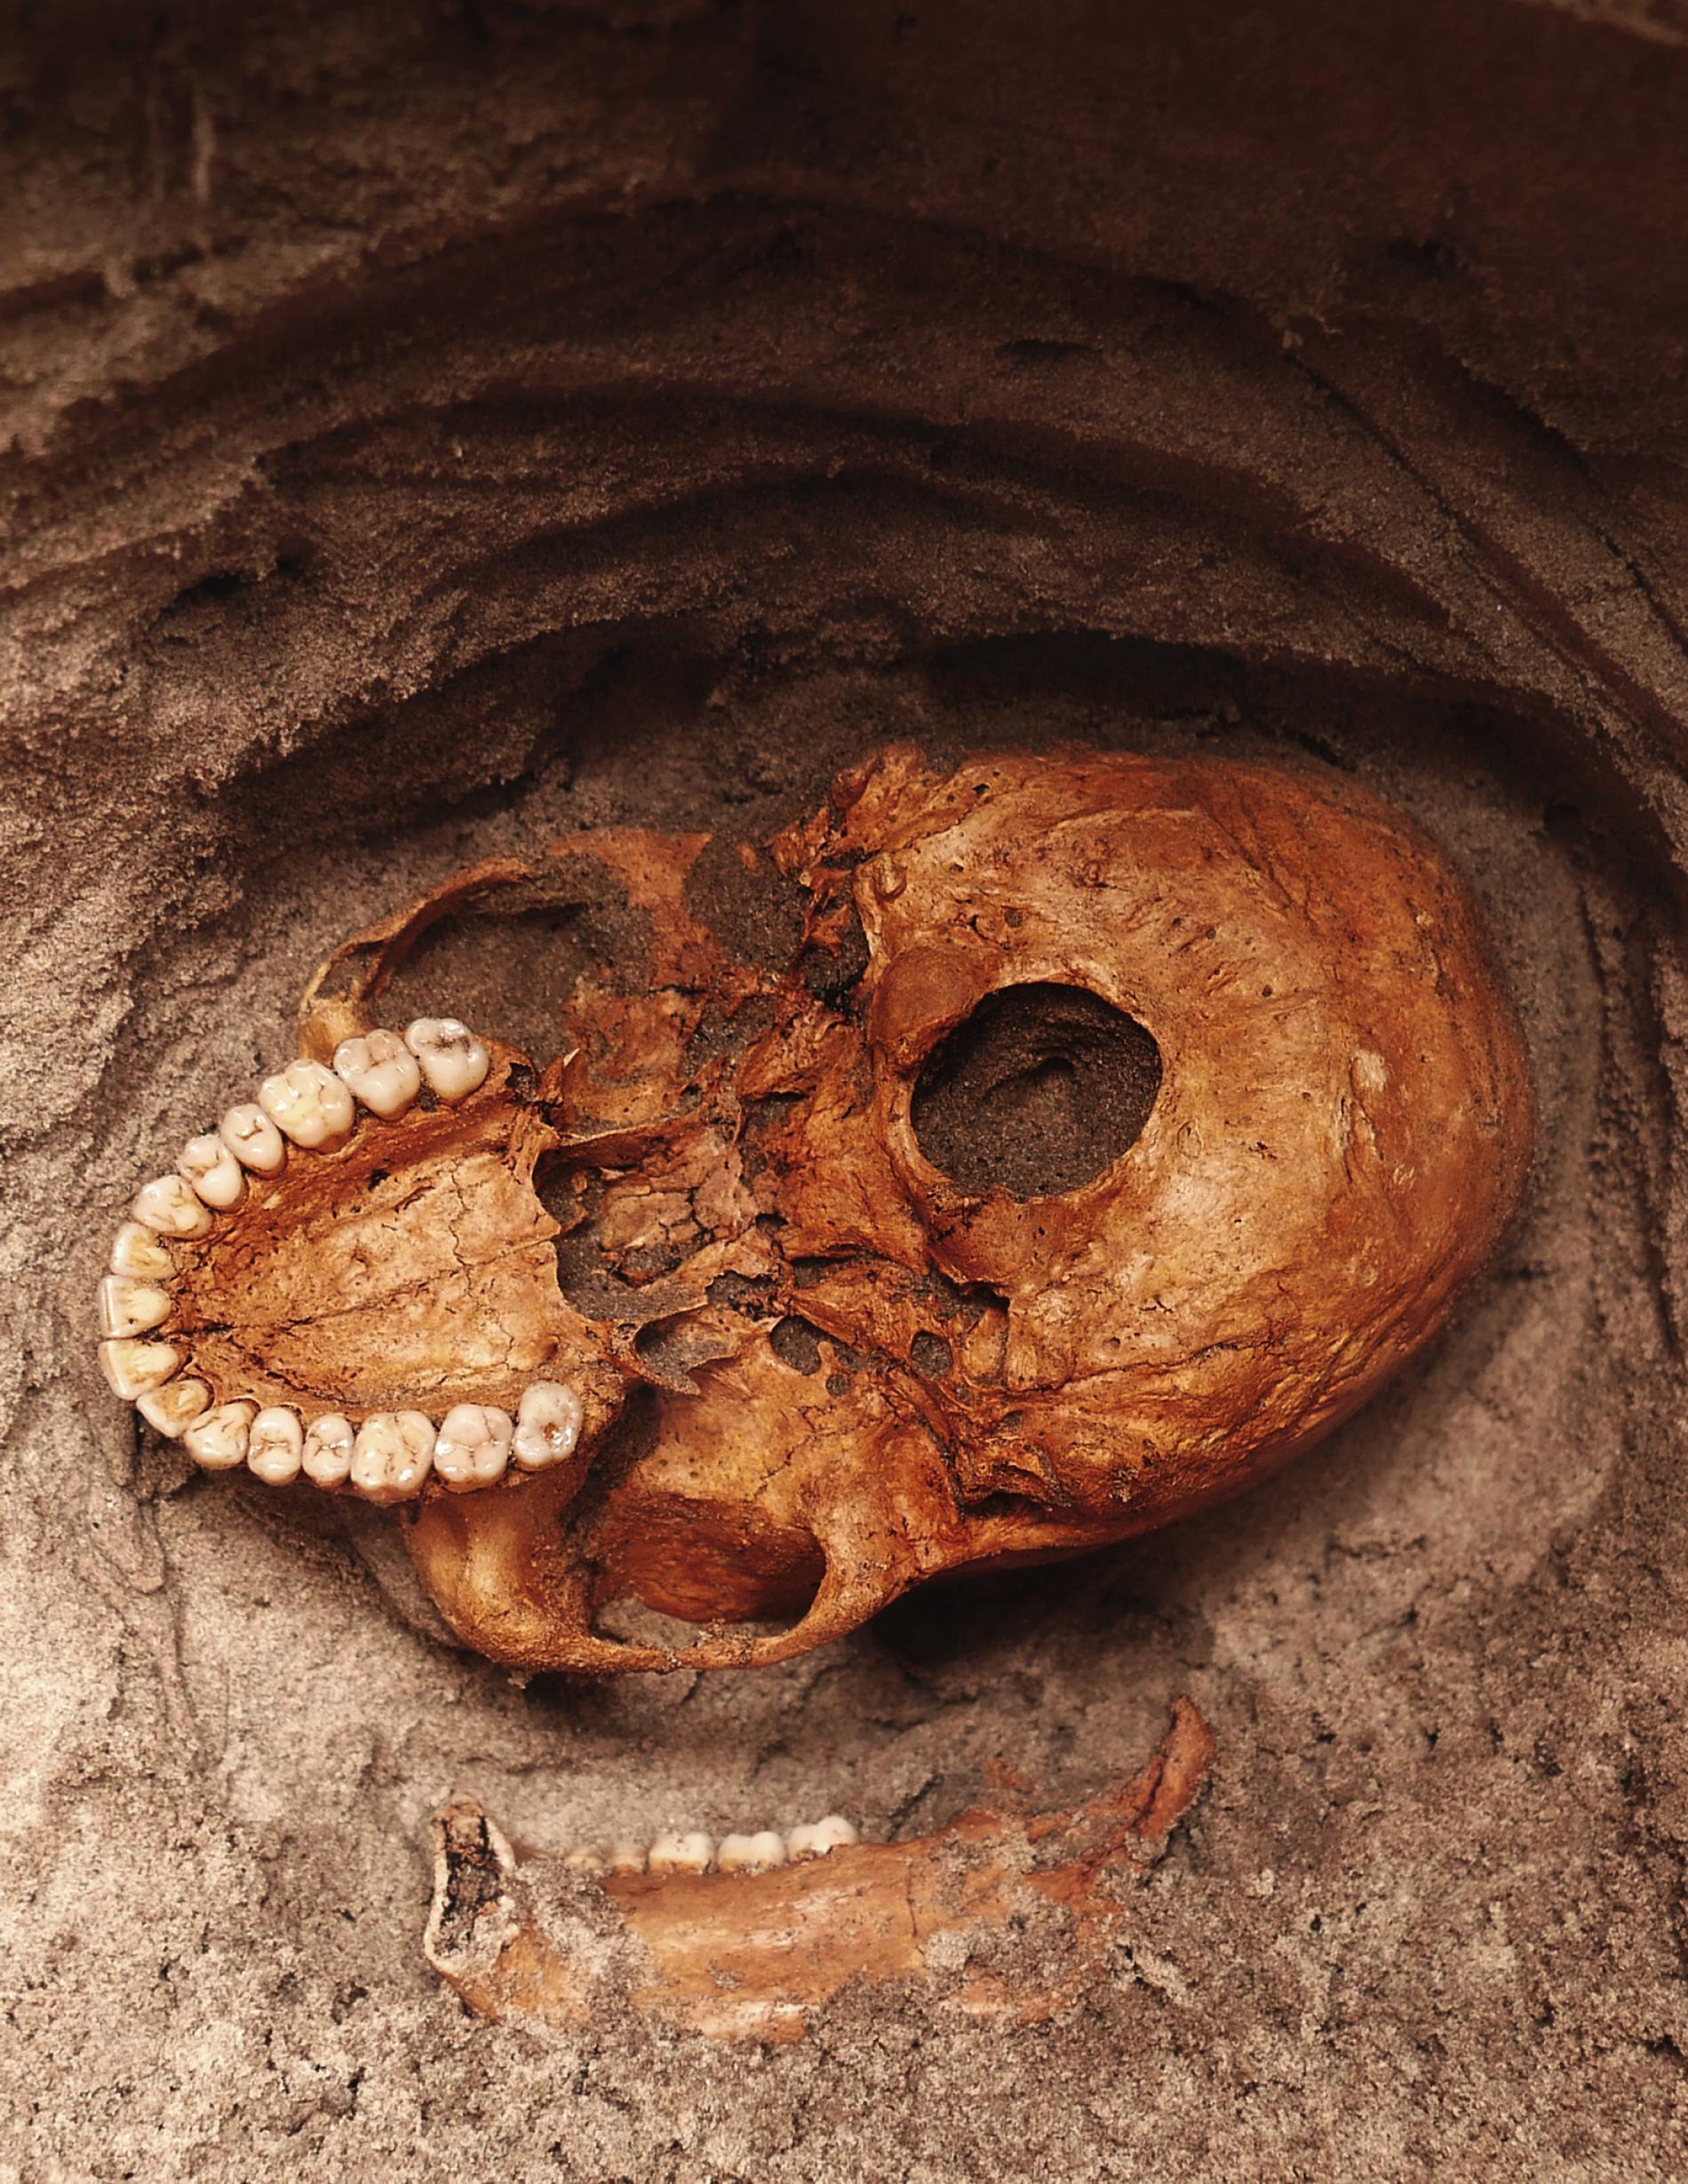 一顆人類顱骨從坦尚尼亞潘加尼河畔的灰色砂土中向外窺視,這座遺址曾經是早期史瓦希利(Swahili)漁村。大約1000年前,海嘯突然摧毀了這座村莊,造成許多居民罹難。PHOTOGRAPH BY VITTORIO MASELLI